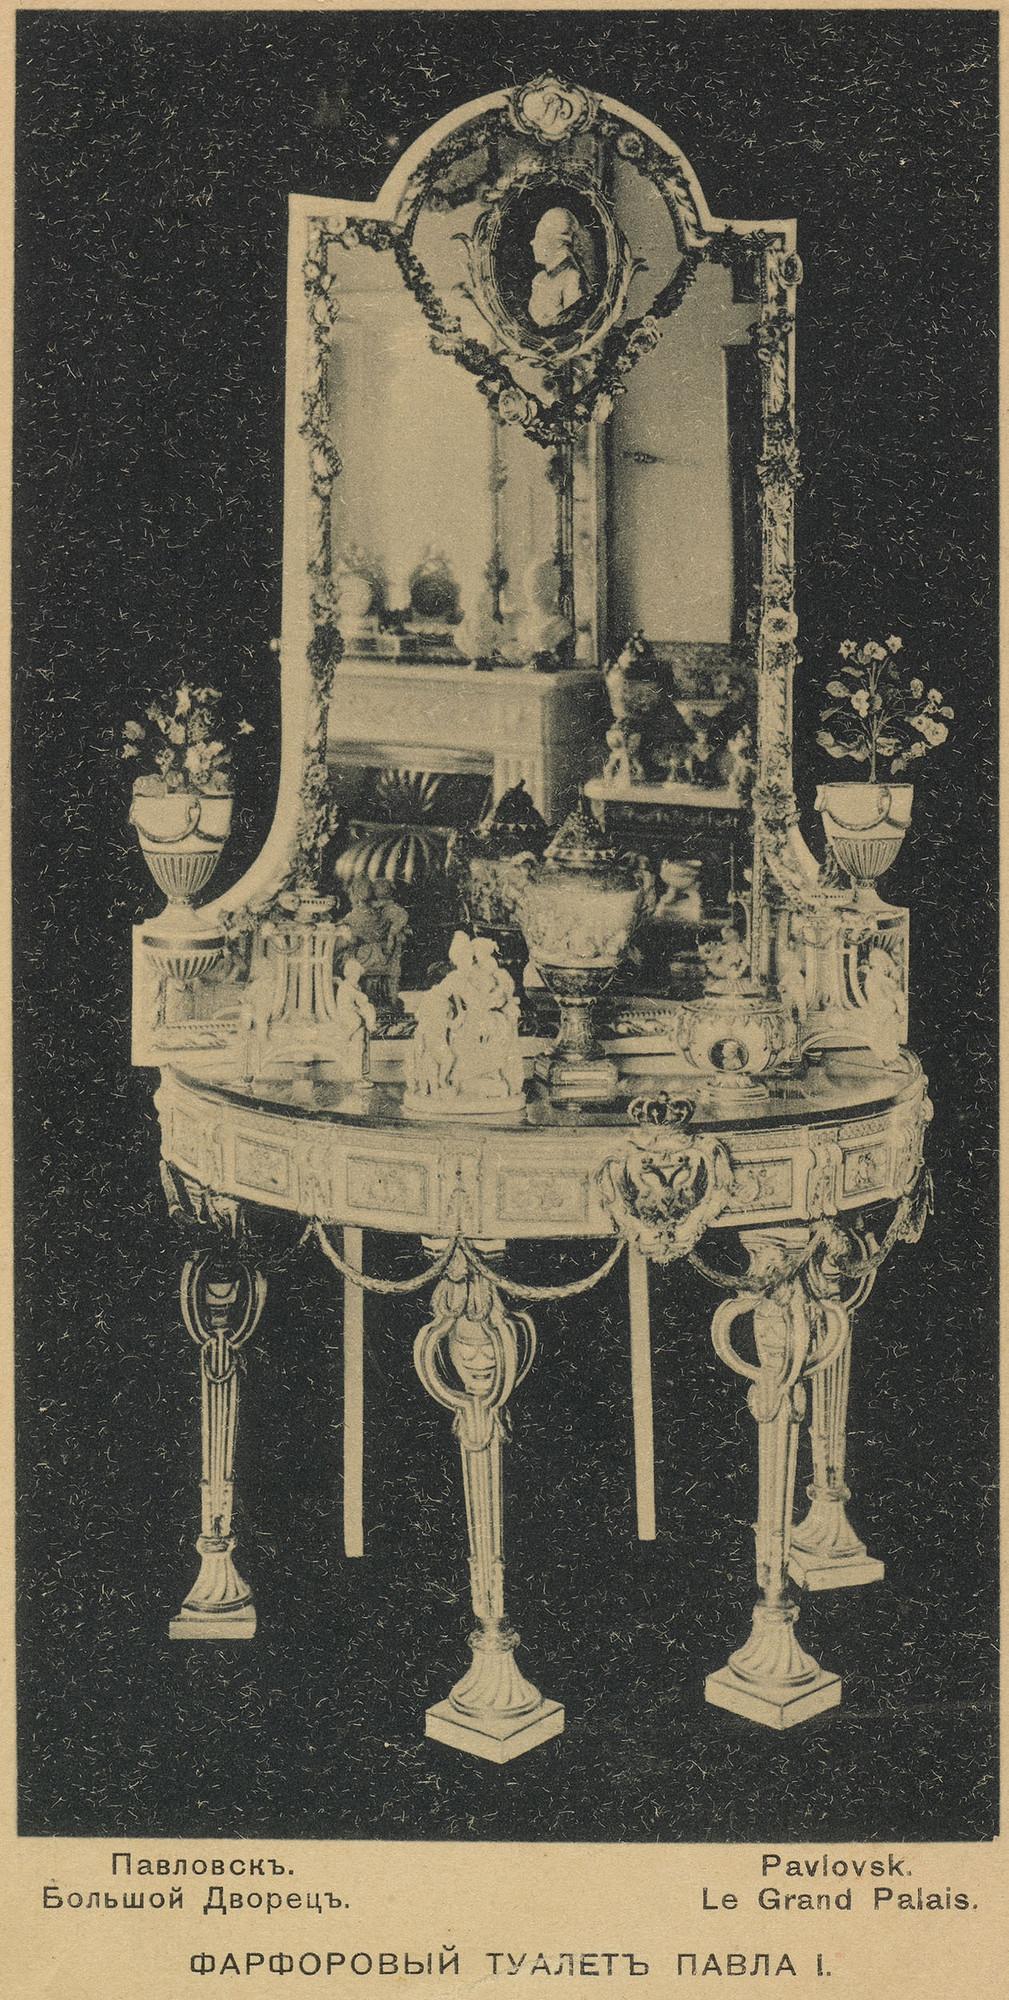 Большой дворец. Фарфоровый туалет Павла I